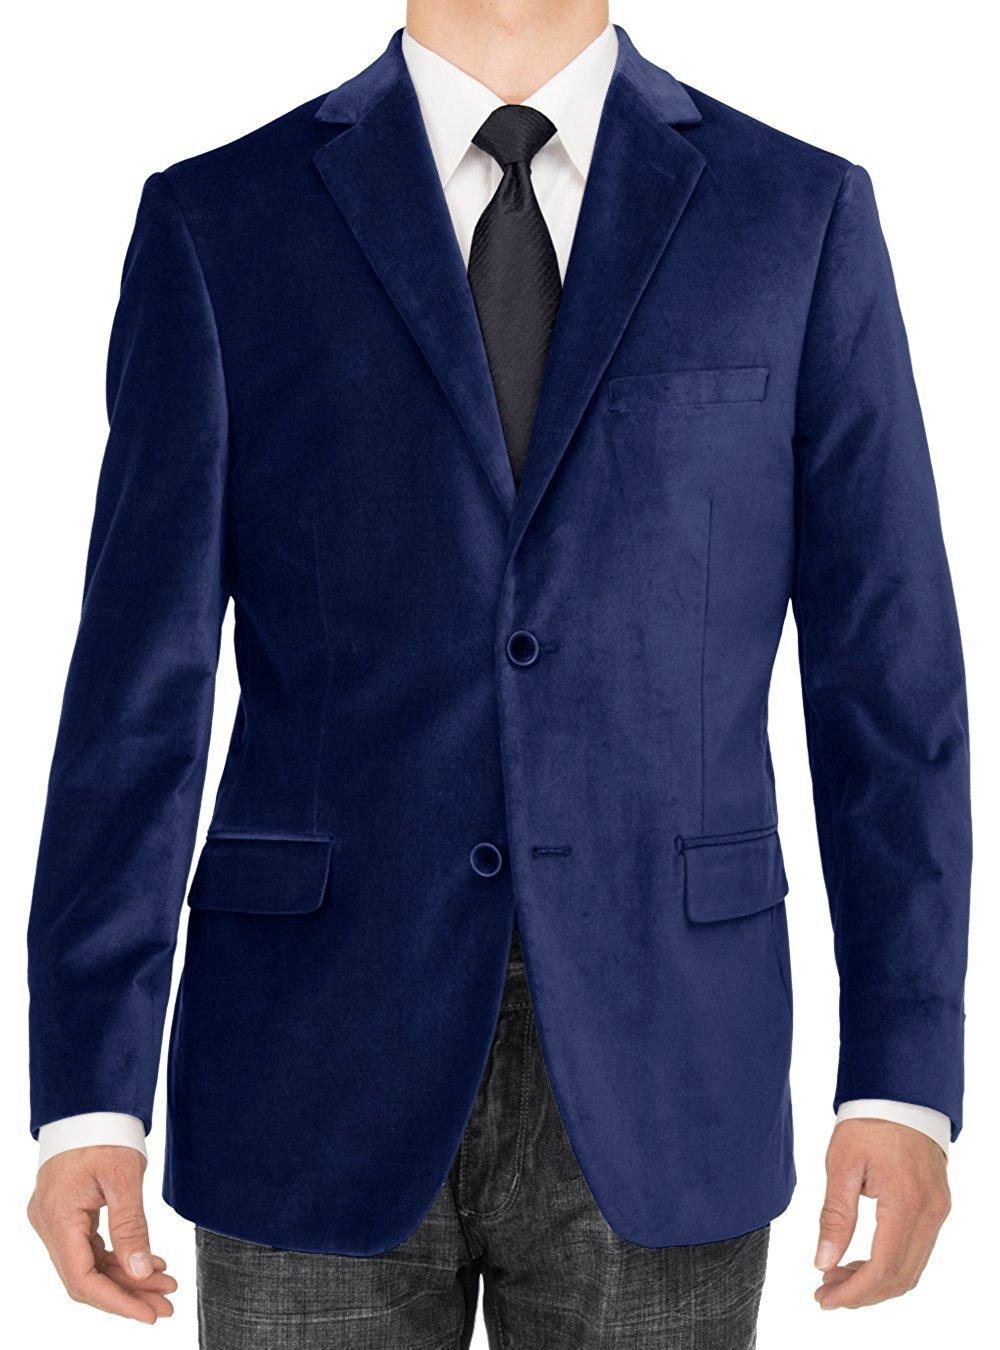 LN LUCIANO NATAZZI Mens 2 Button Velvet Blazer Working Buttonholes Suit Jacket (46 Long US / 56 Long EU, Royal Blue)